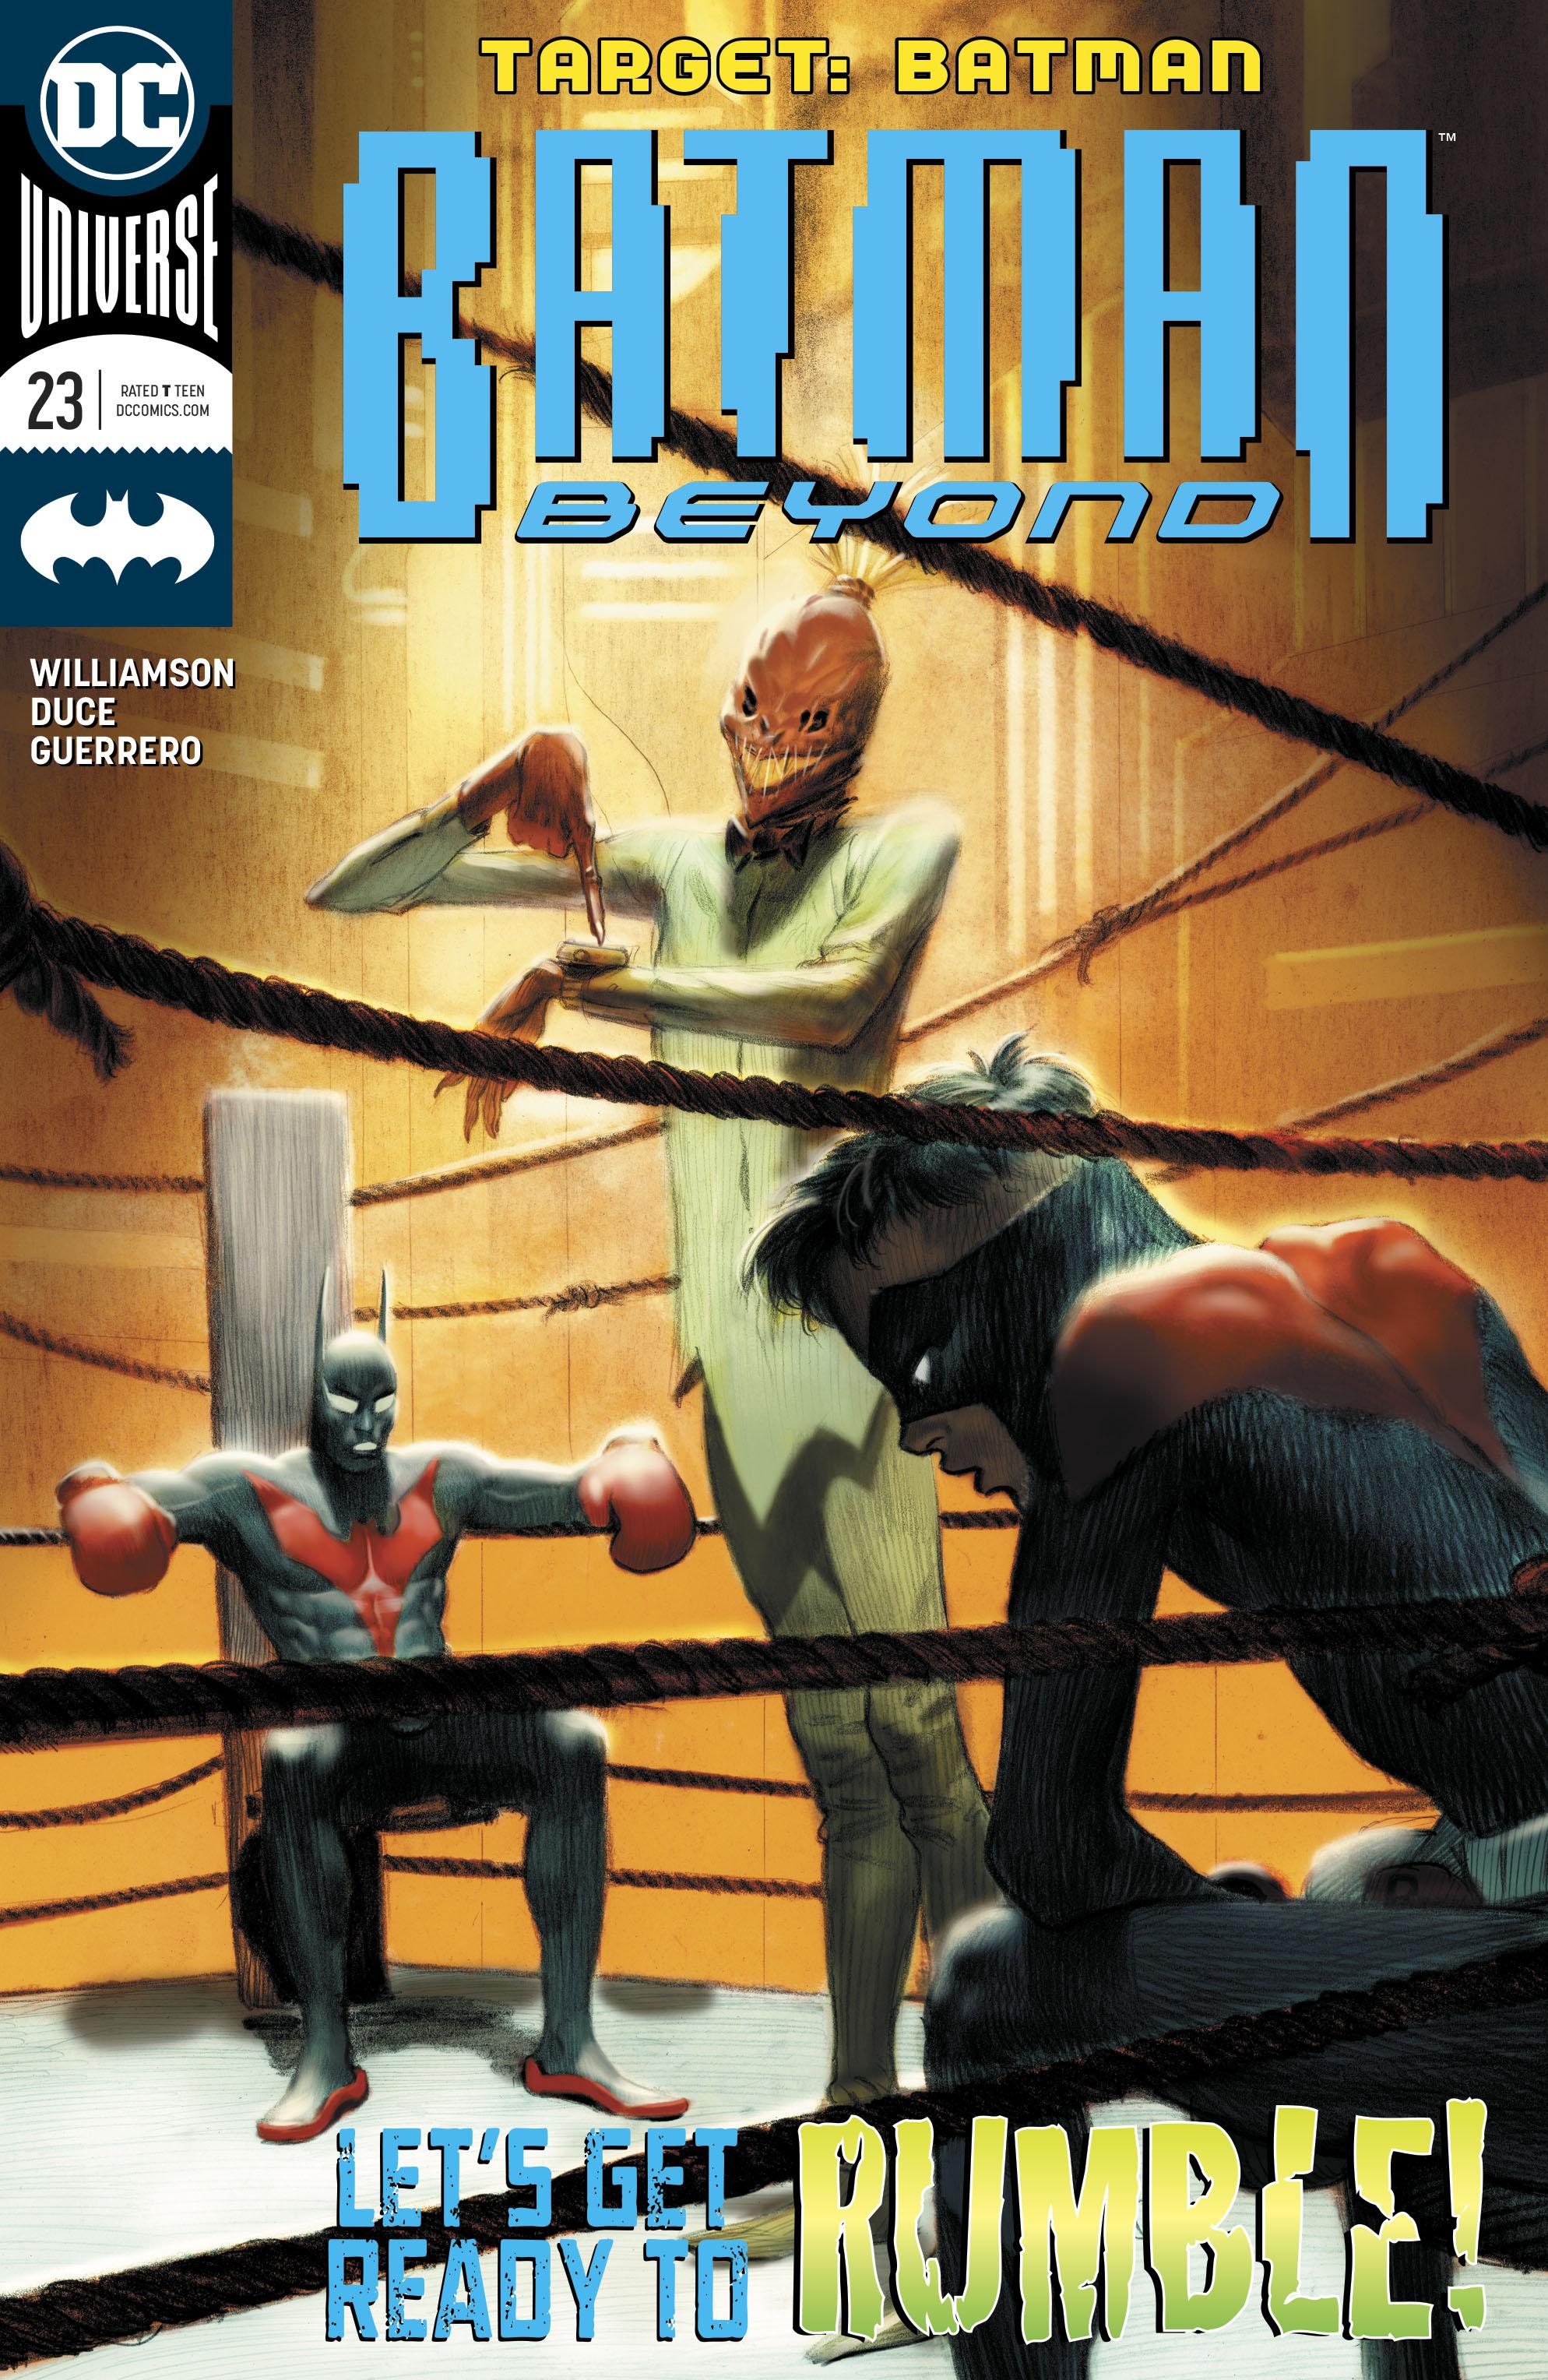 BATMAN BEYOND #23